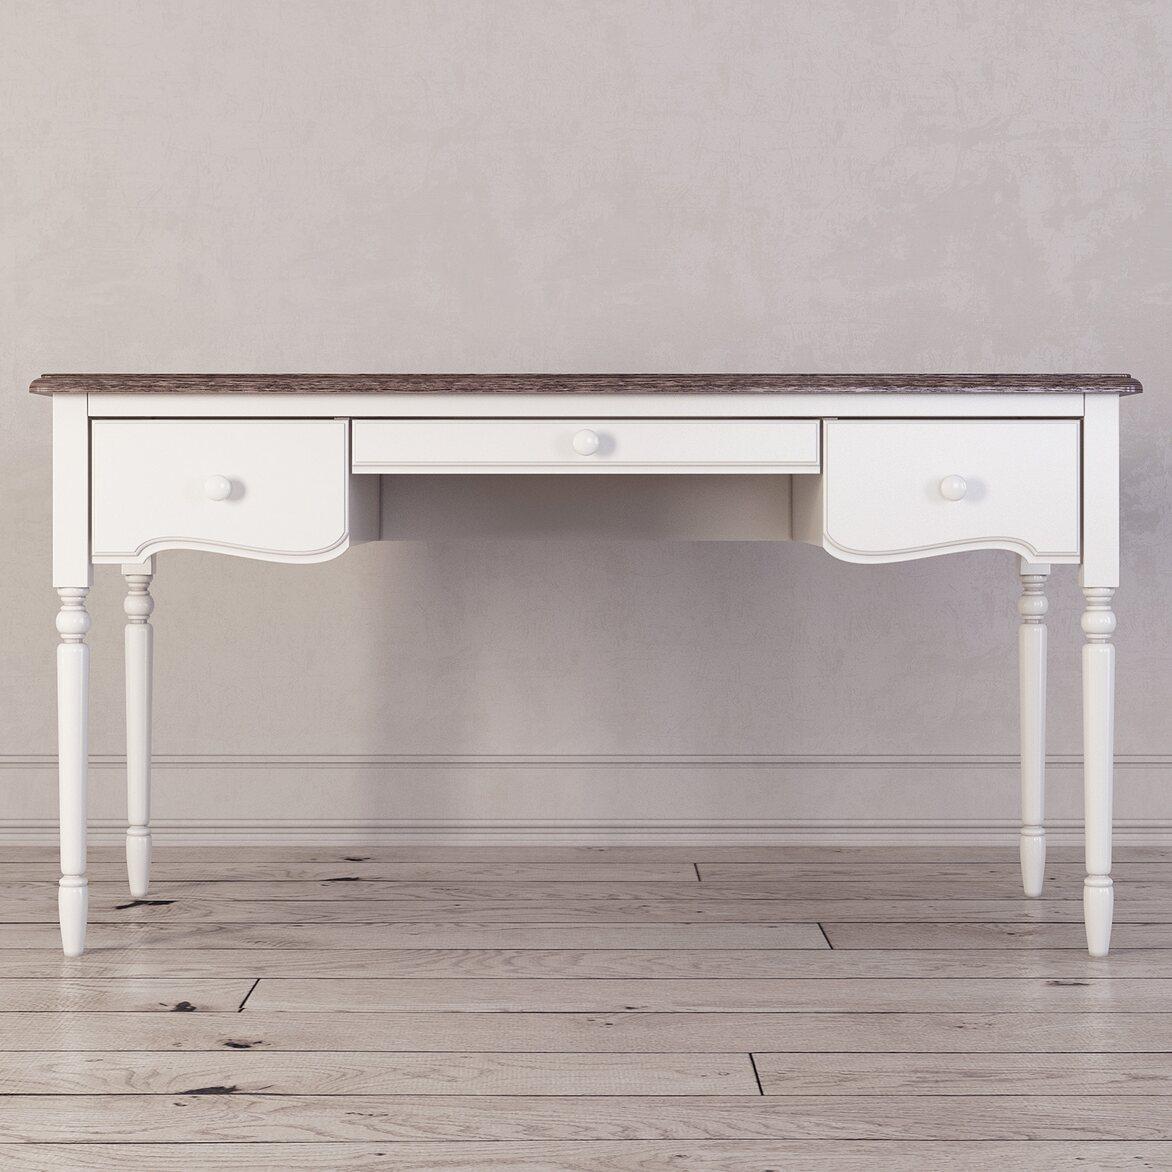 Письменный стол с 3-я ящиками Leblanc, белый | Письменные столы Kingsby